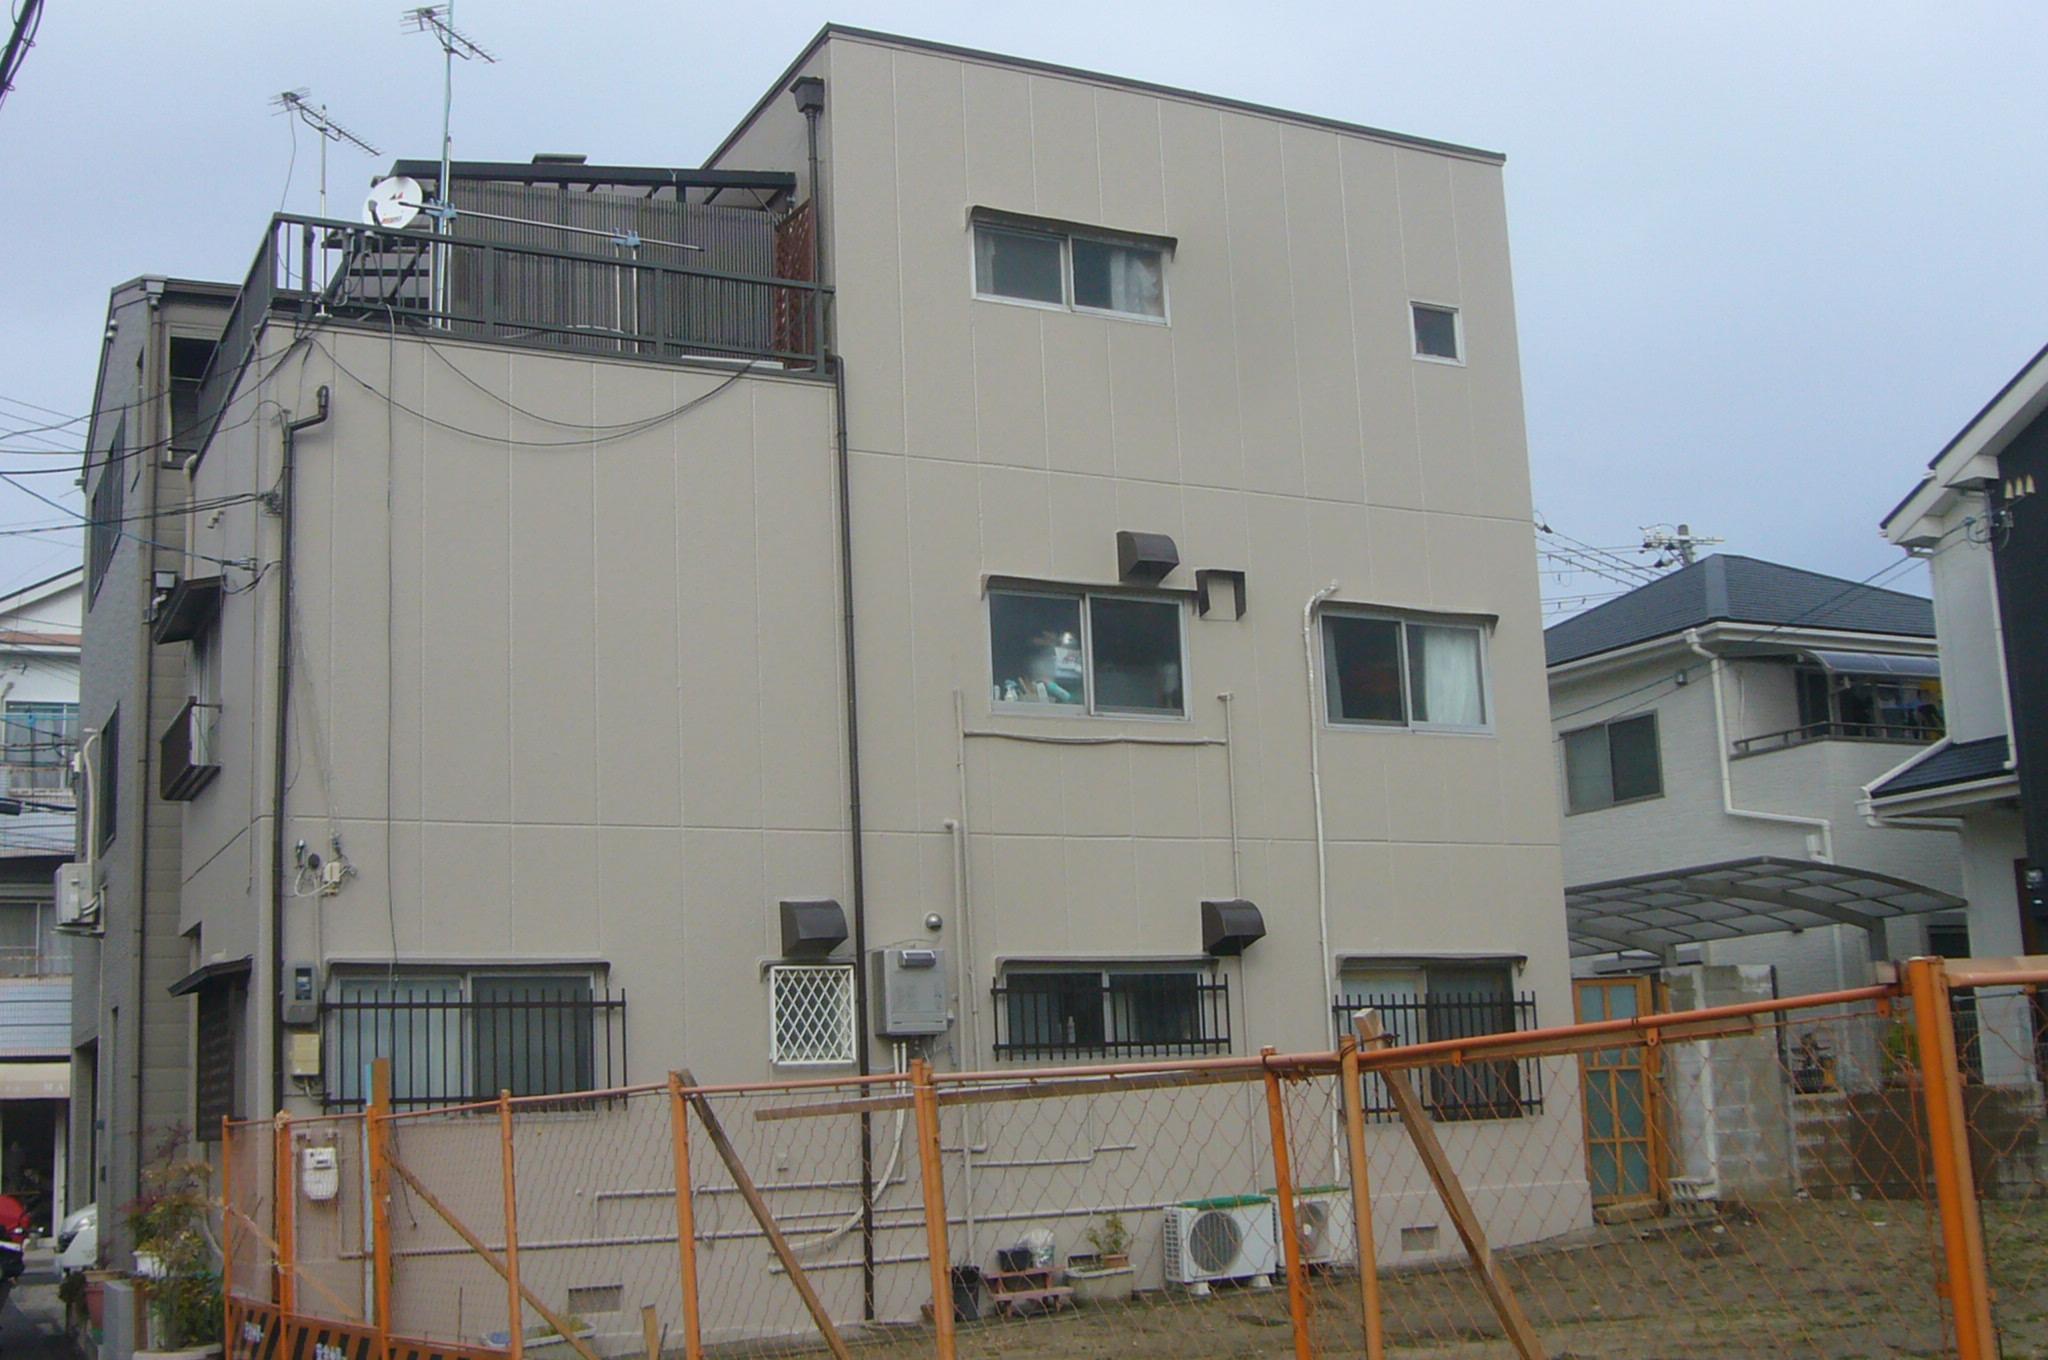 高槻市でALC3階建て外壁塗装とシーリング打ち工事が完了しました。